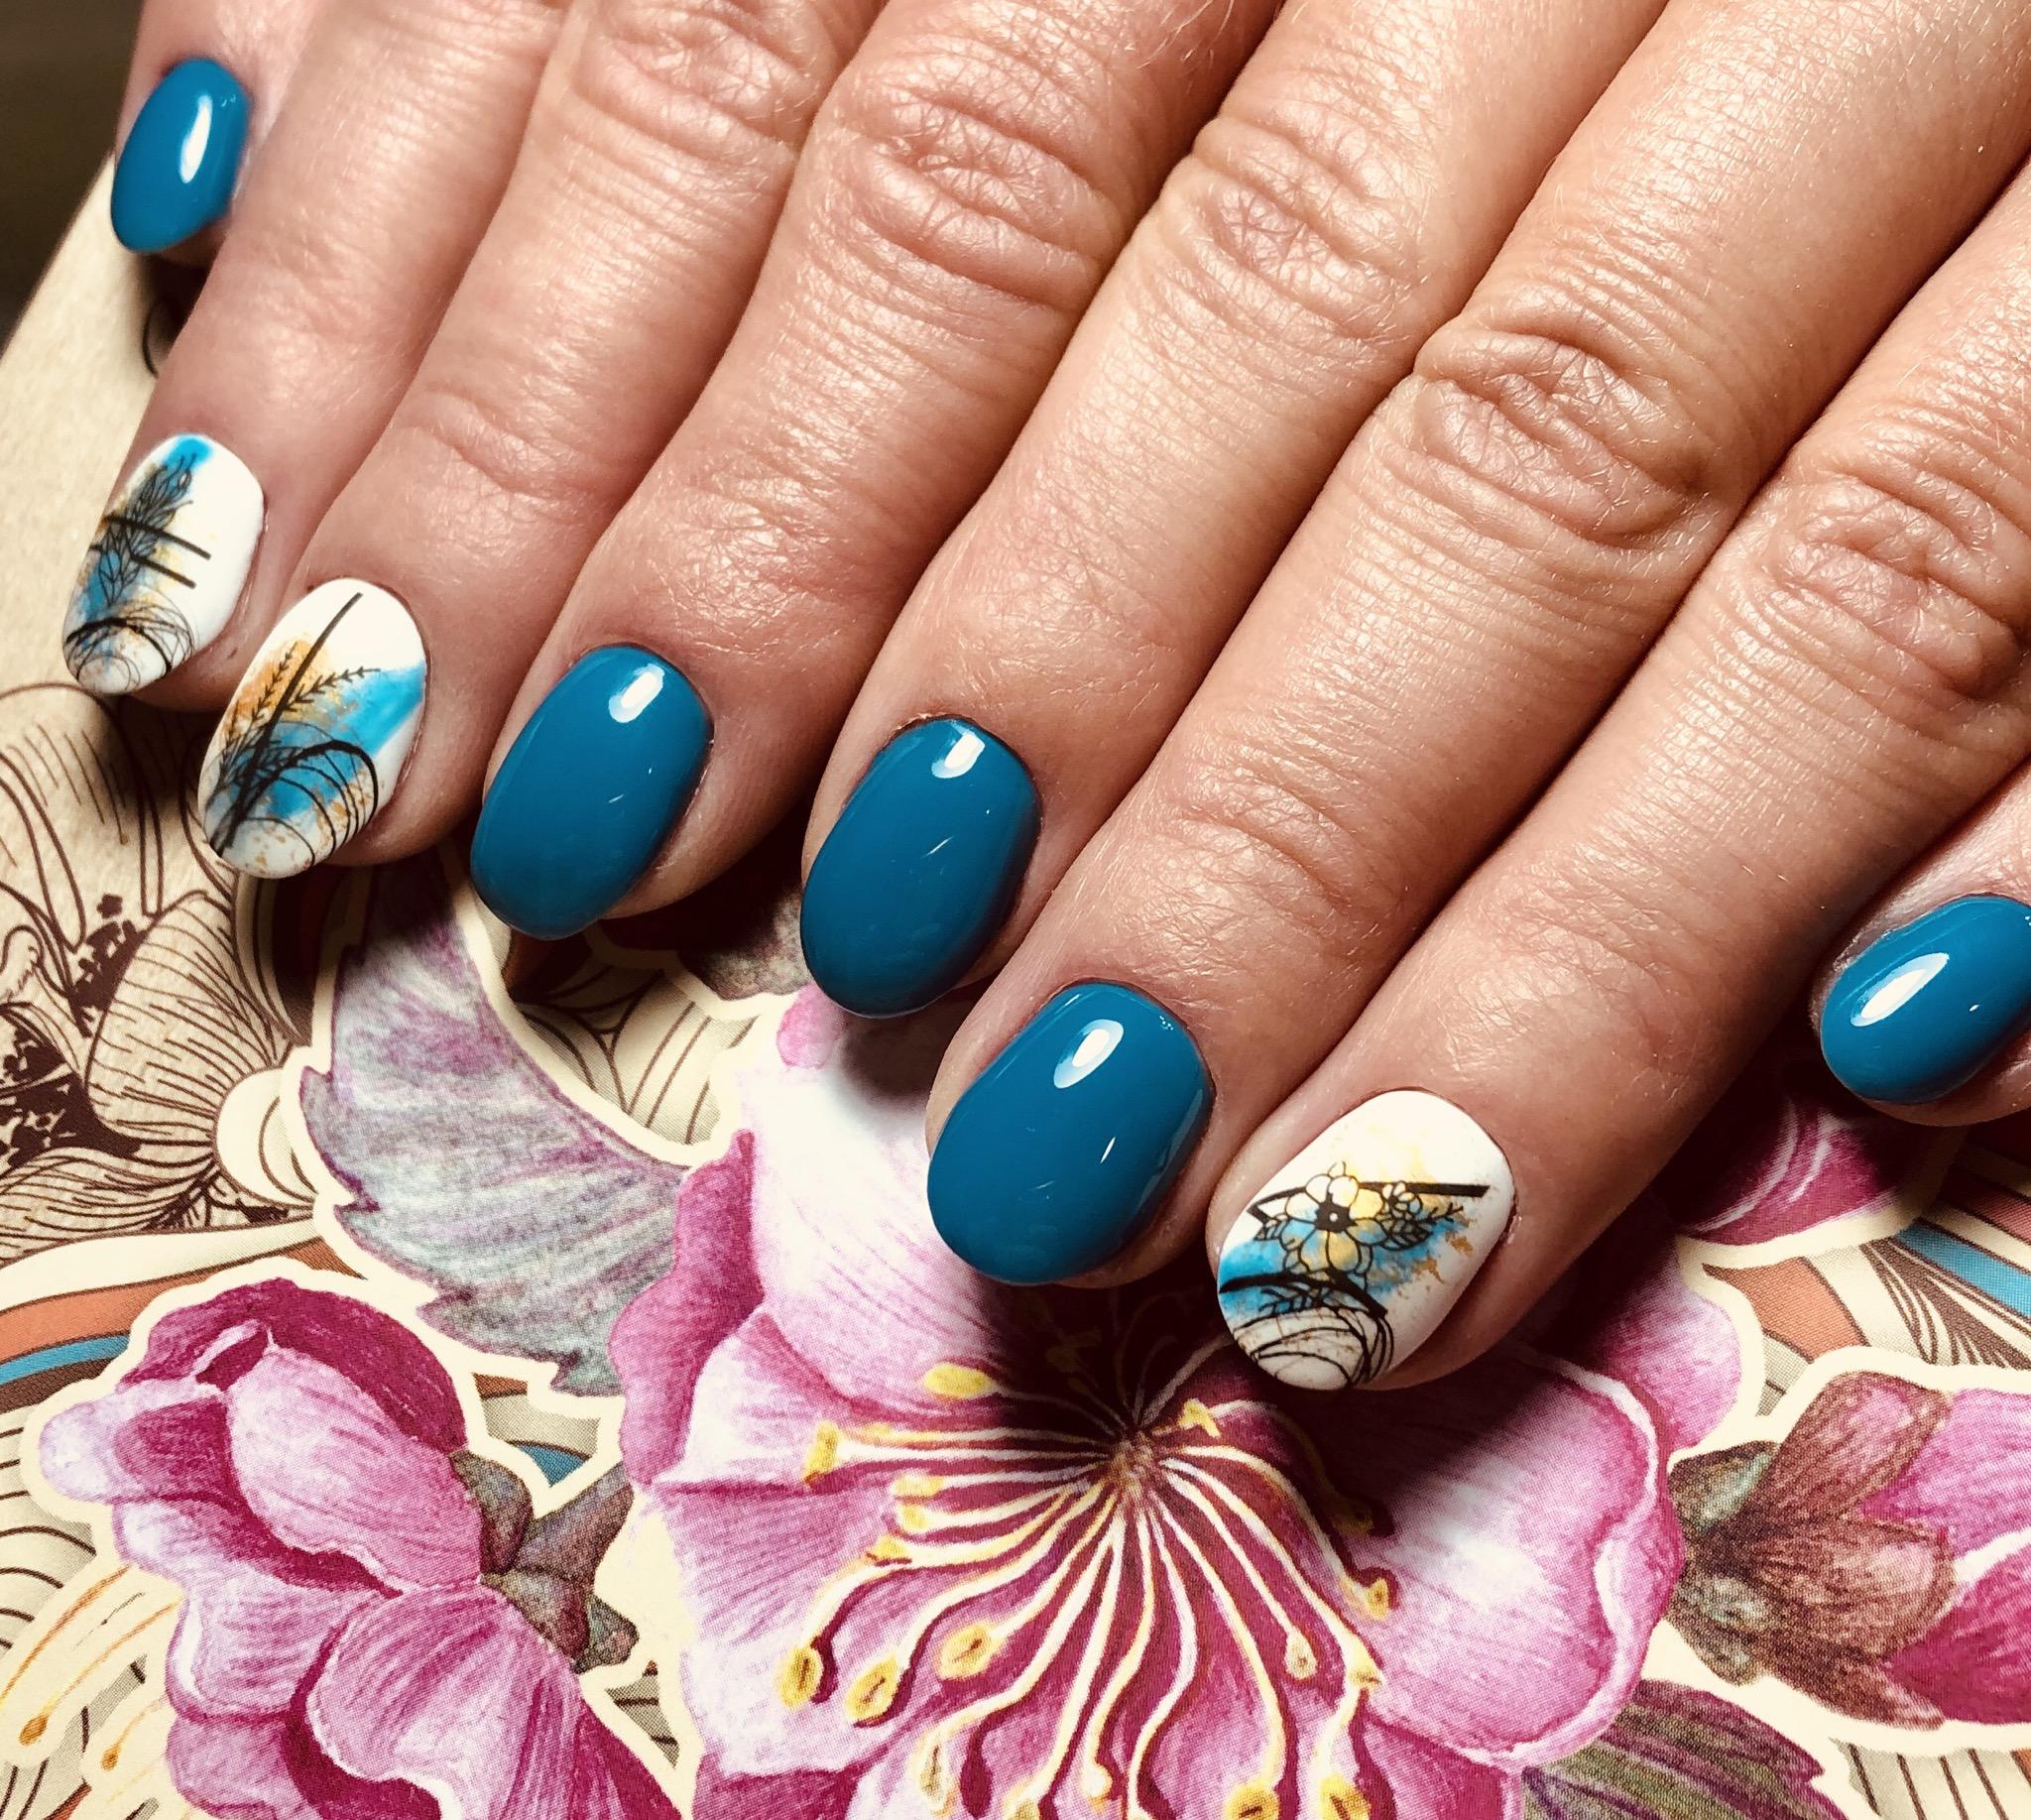 Маникюр с цветочными слайдерами в синем цвете на короткие ногти.